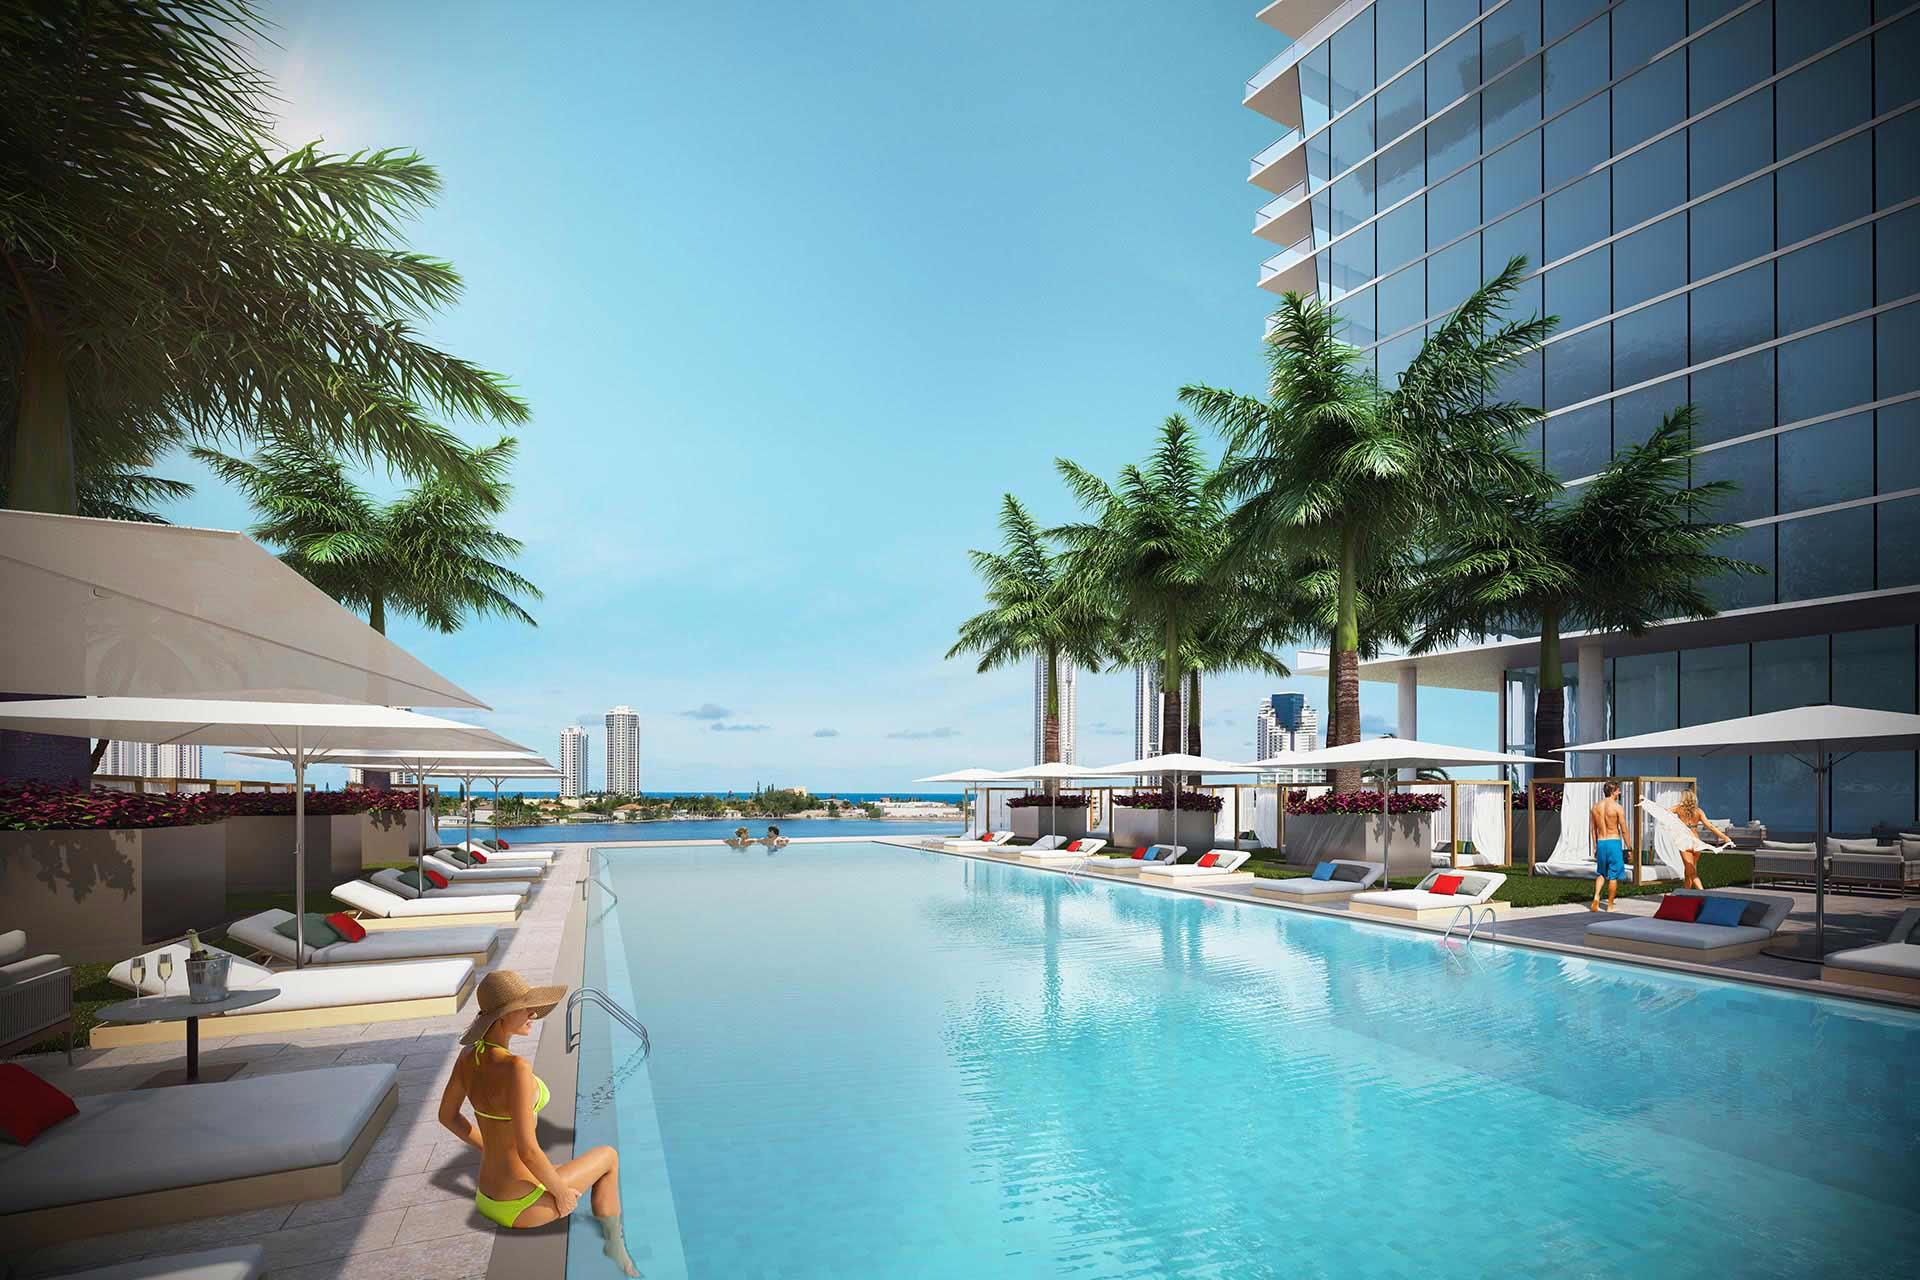 prive-pool-deck-a.jpg